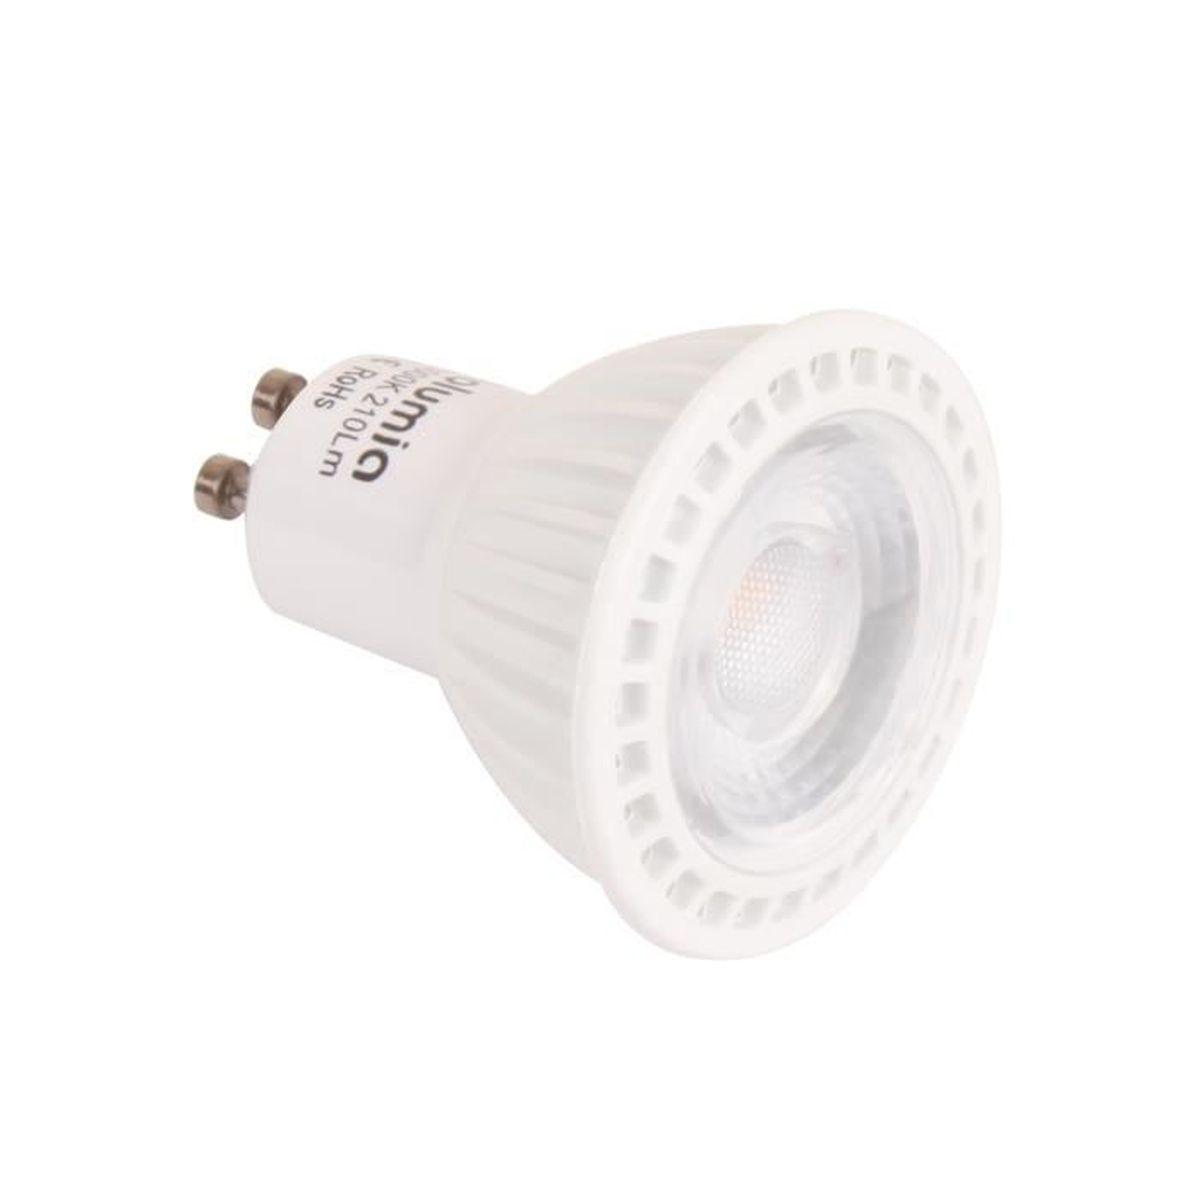 AMPOULE - LED Ampoule LED Spot GU10 3W - 3000K Blanc Chaud - Equ